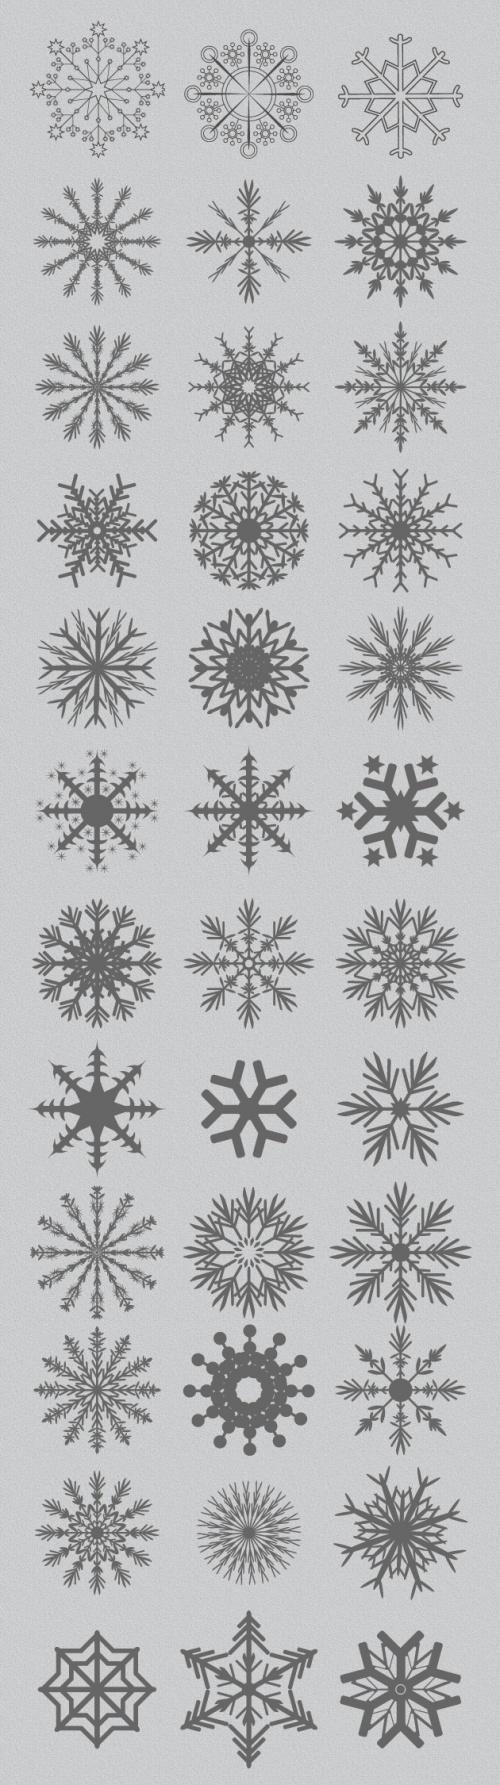 Designtnt - Vector Snowflakes Set 1